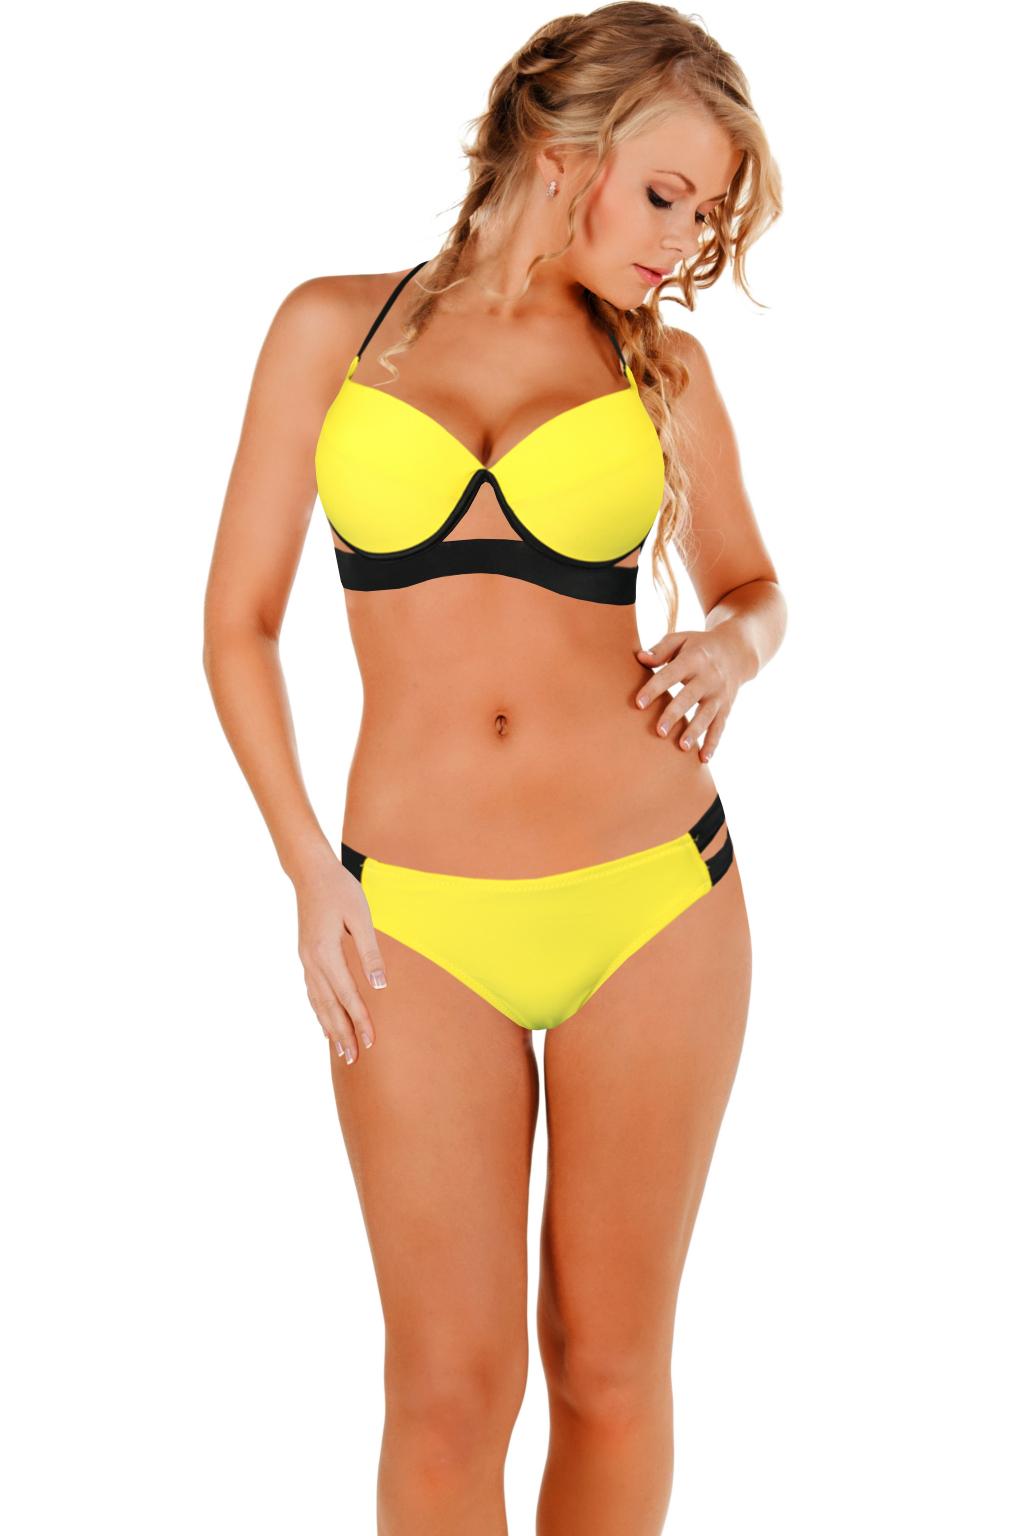 Viktoria dámské plavky 2016 M žlutá